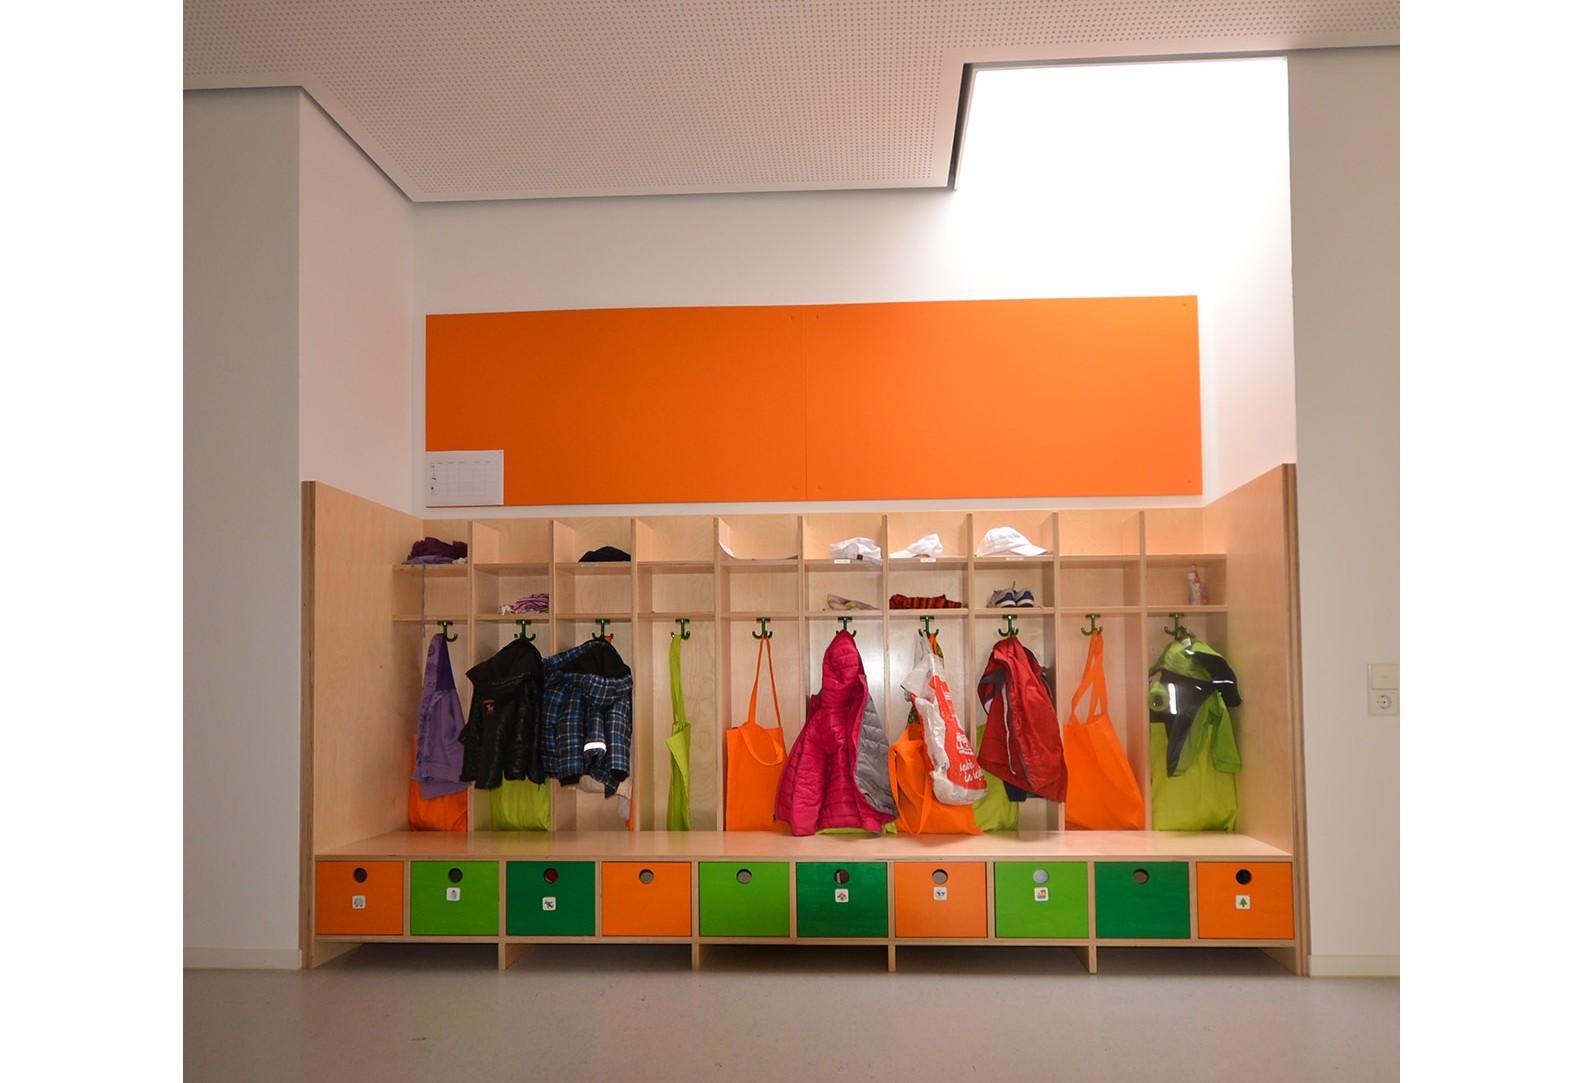 Riegelhof-Kindergarten-Ostfildern-Nellingen